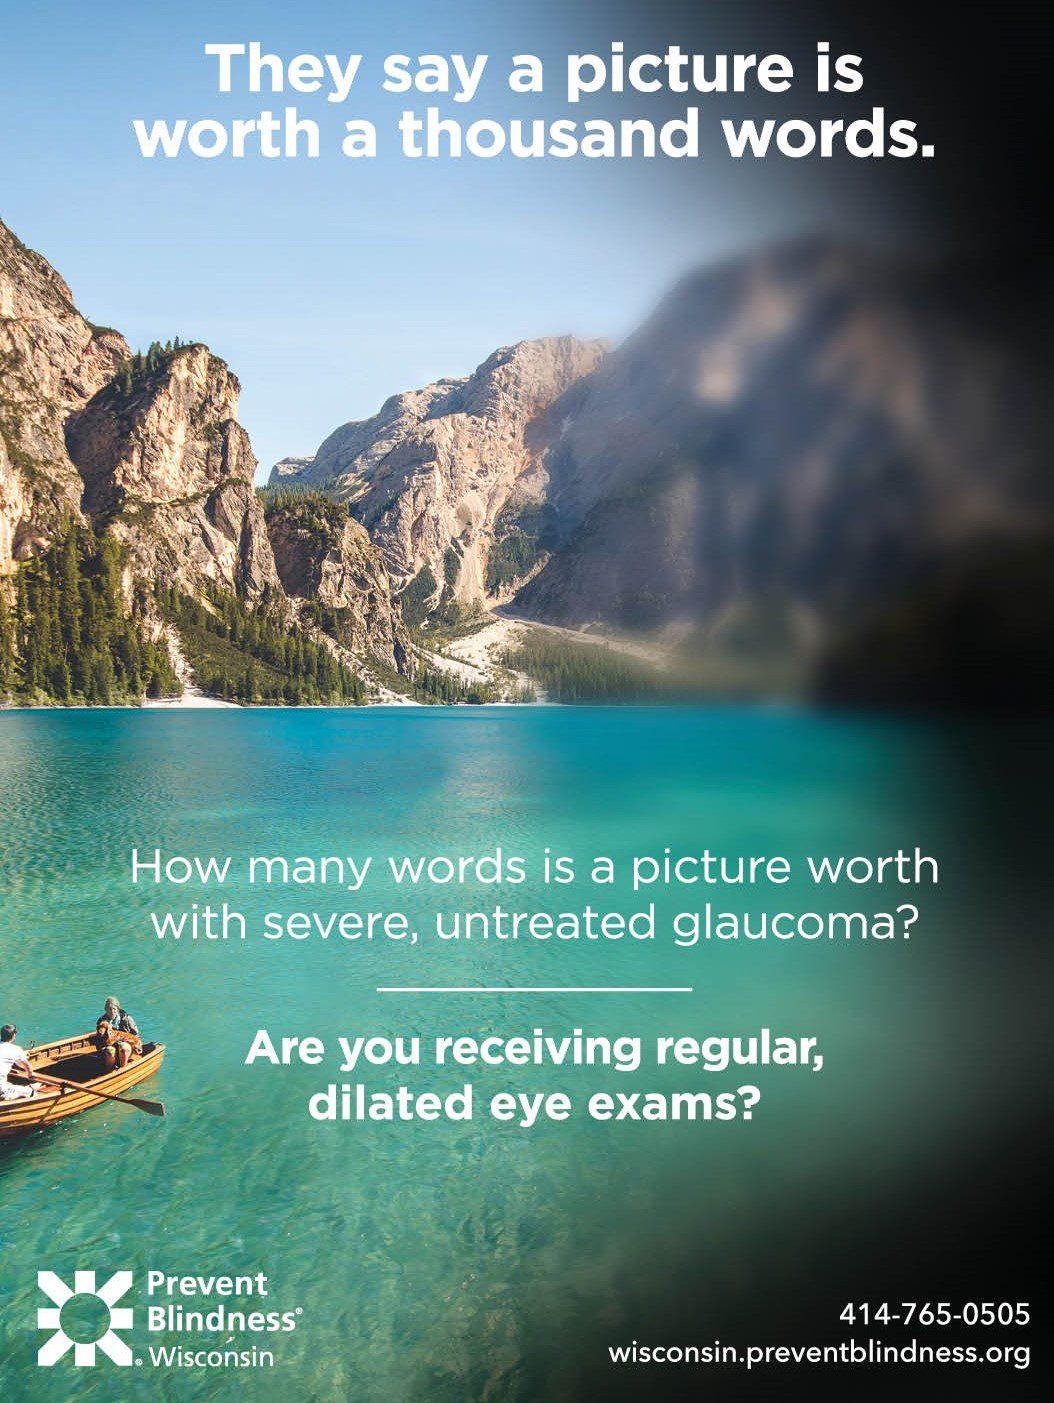 glaucoma ad